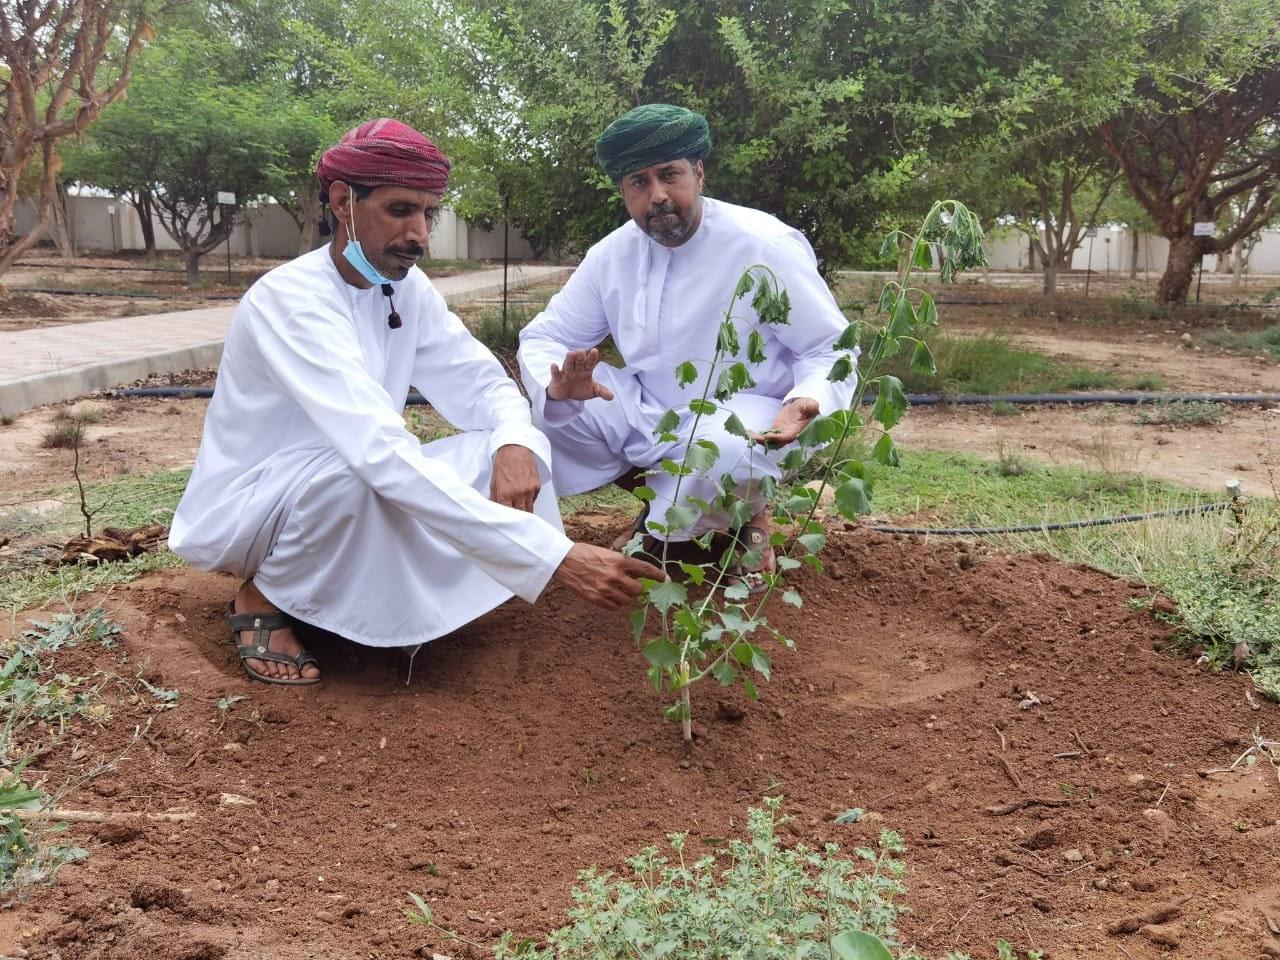 سلطنة عمان تكتشف شجرة فريدة من نوعها تظهر لأول مرة بالوطن العربي (شاهد)